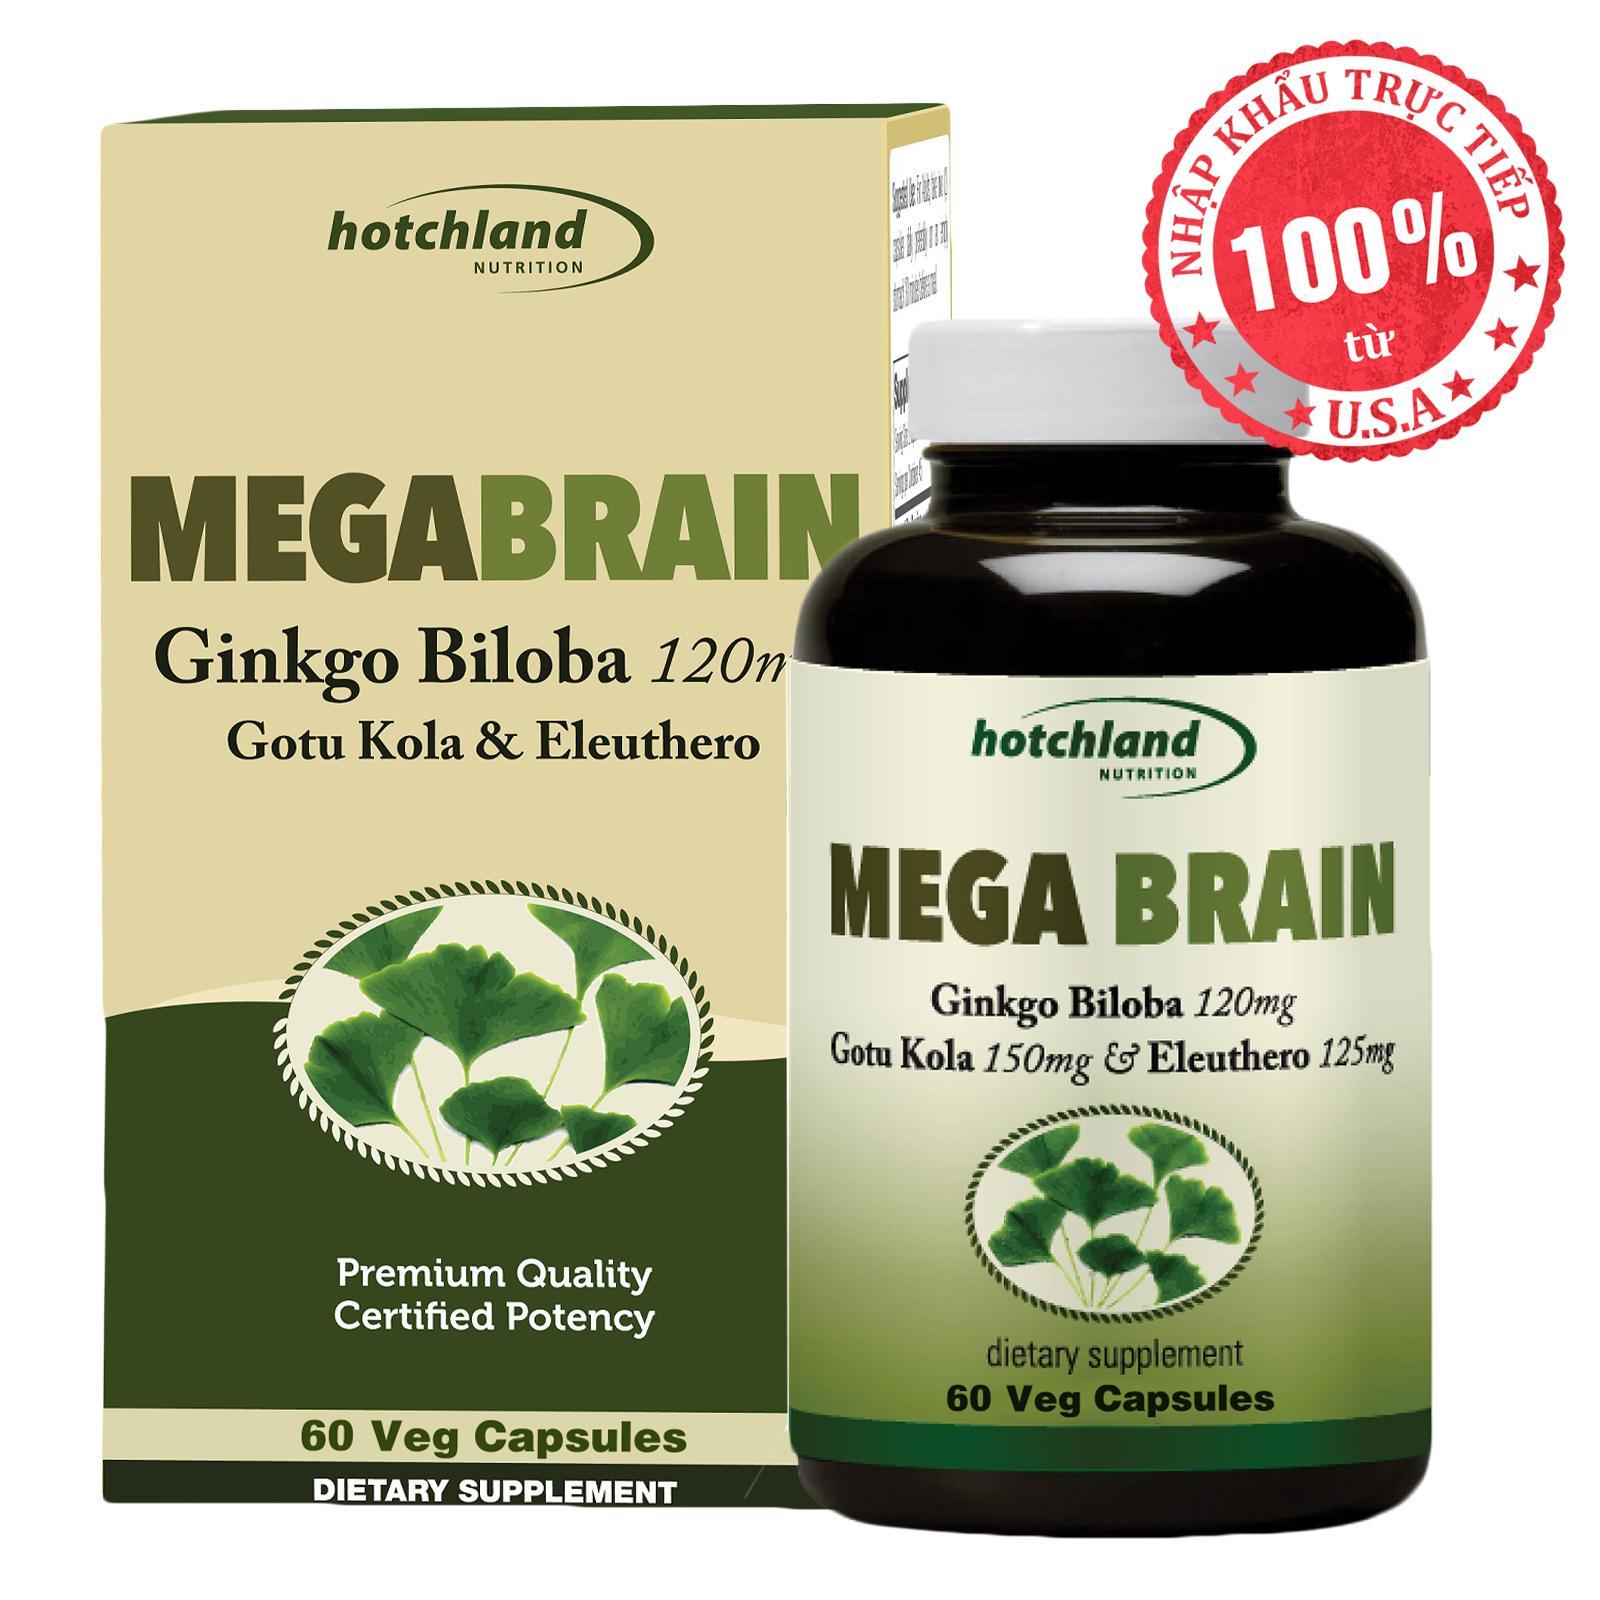 Thực phẩm chức năng giúp ngăn ngừa và điều trị các bệnh lý liên quan đến mạch máu não Mega Brain 0115